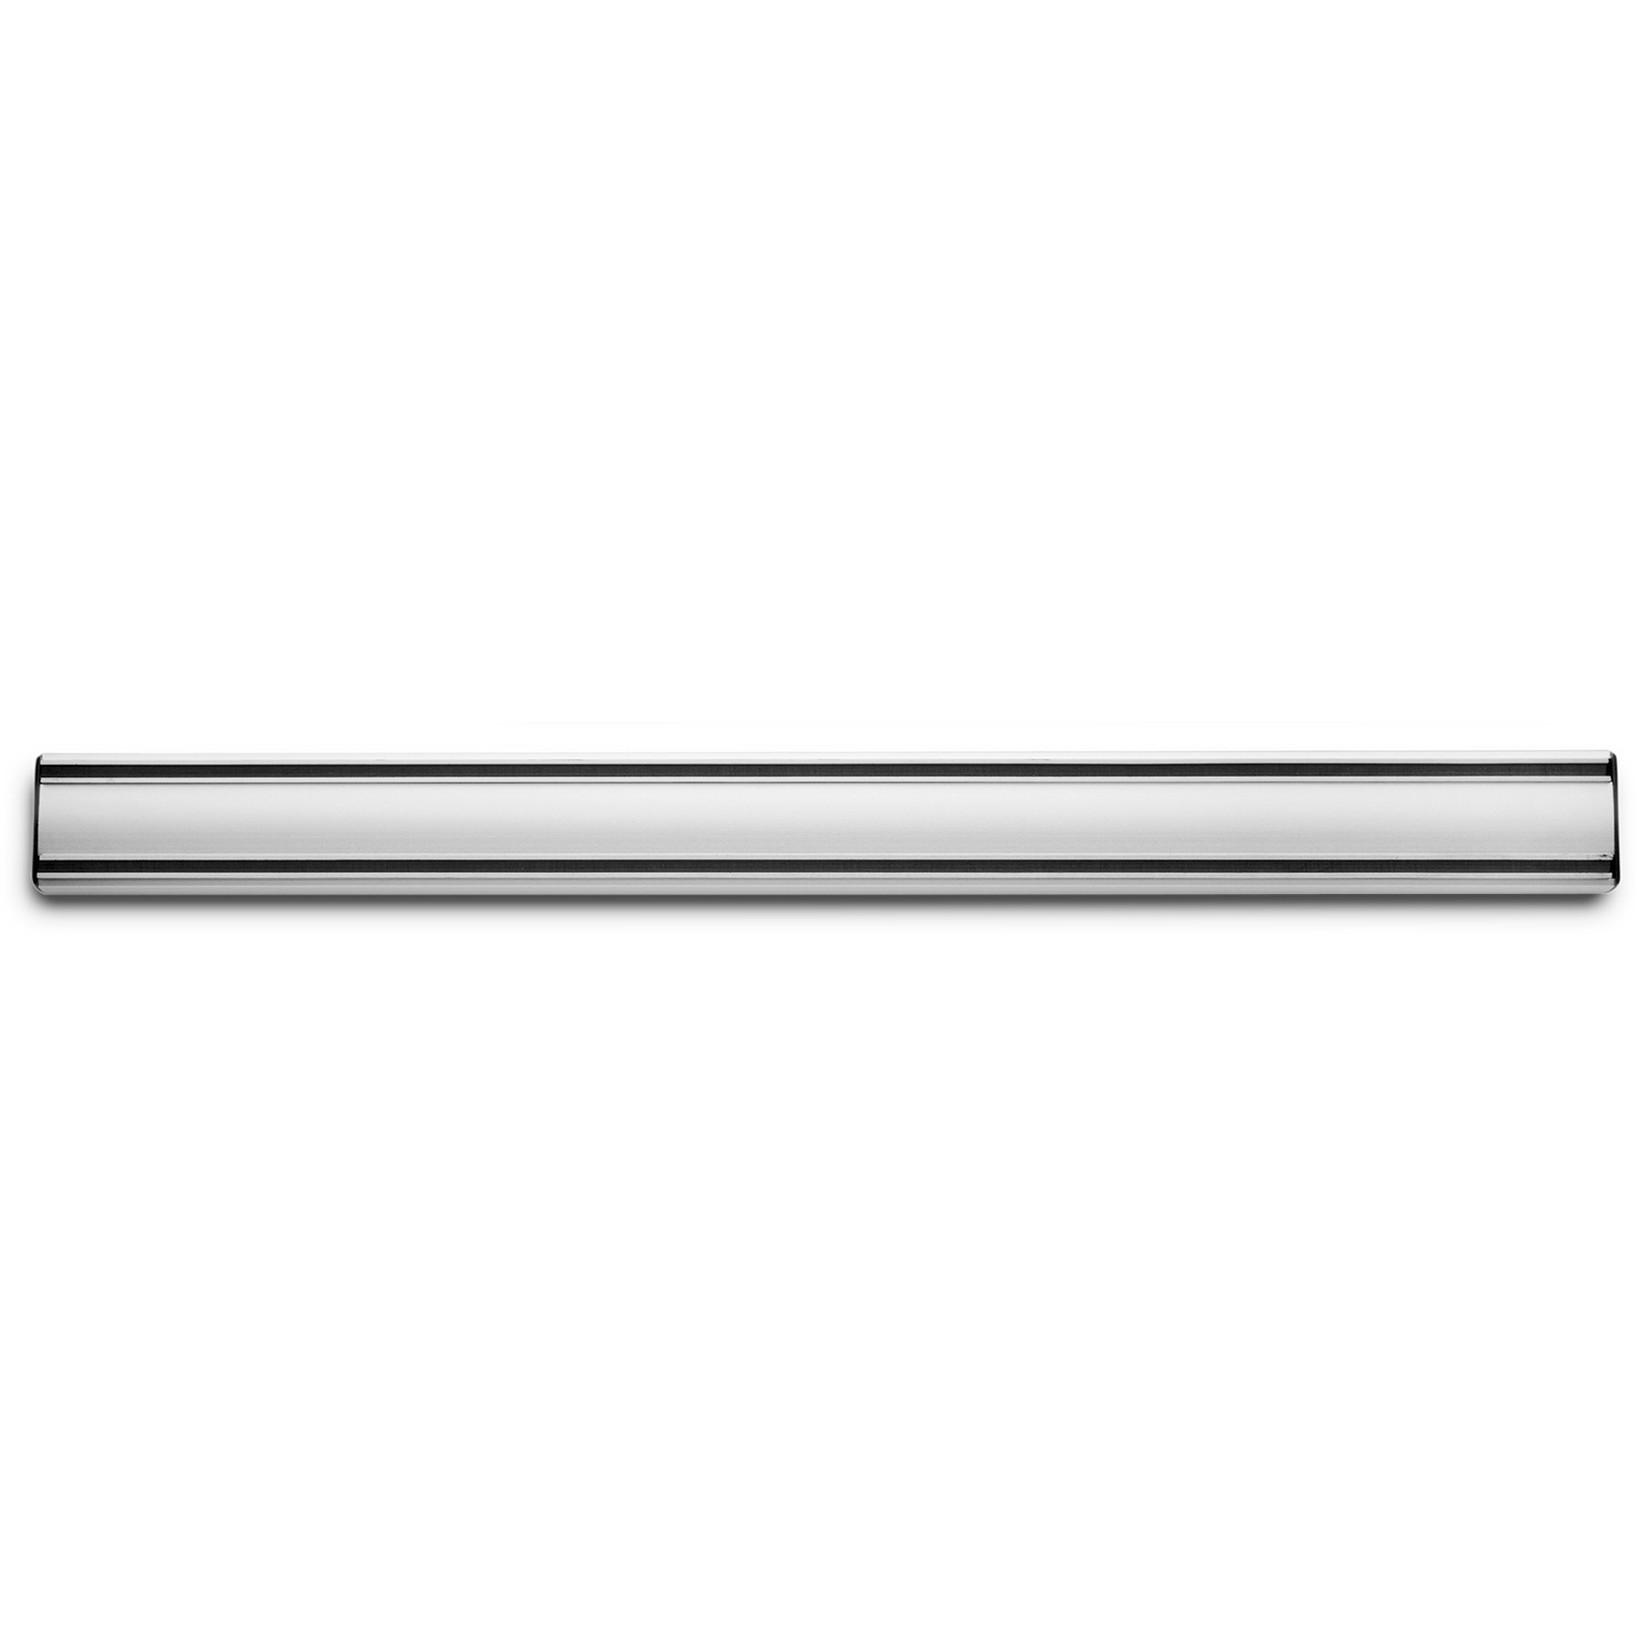 Wusthof Wusthof magneetstrip 50cm aluminium